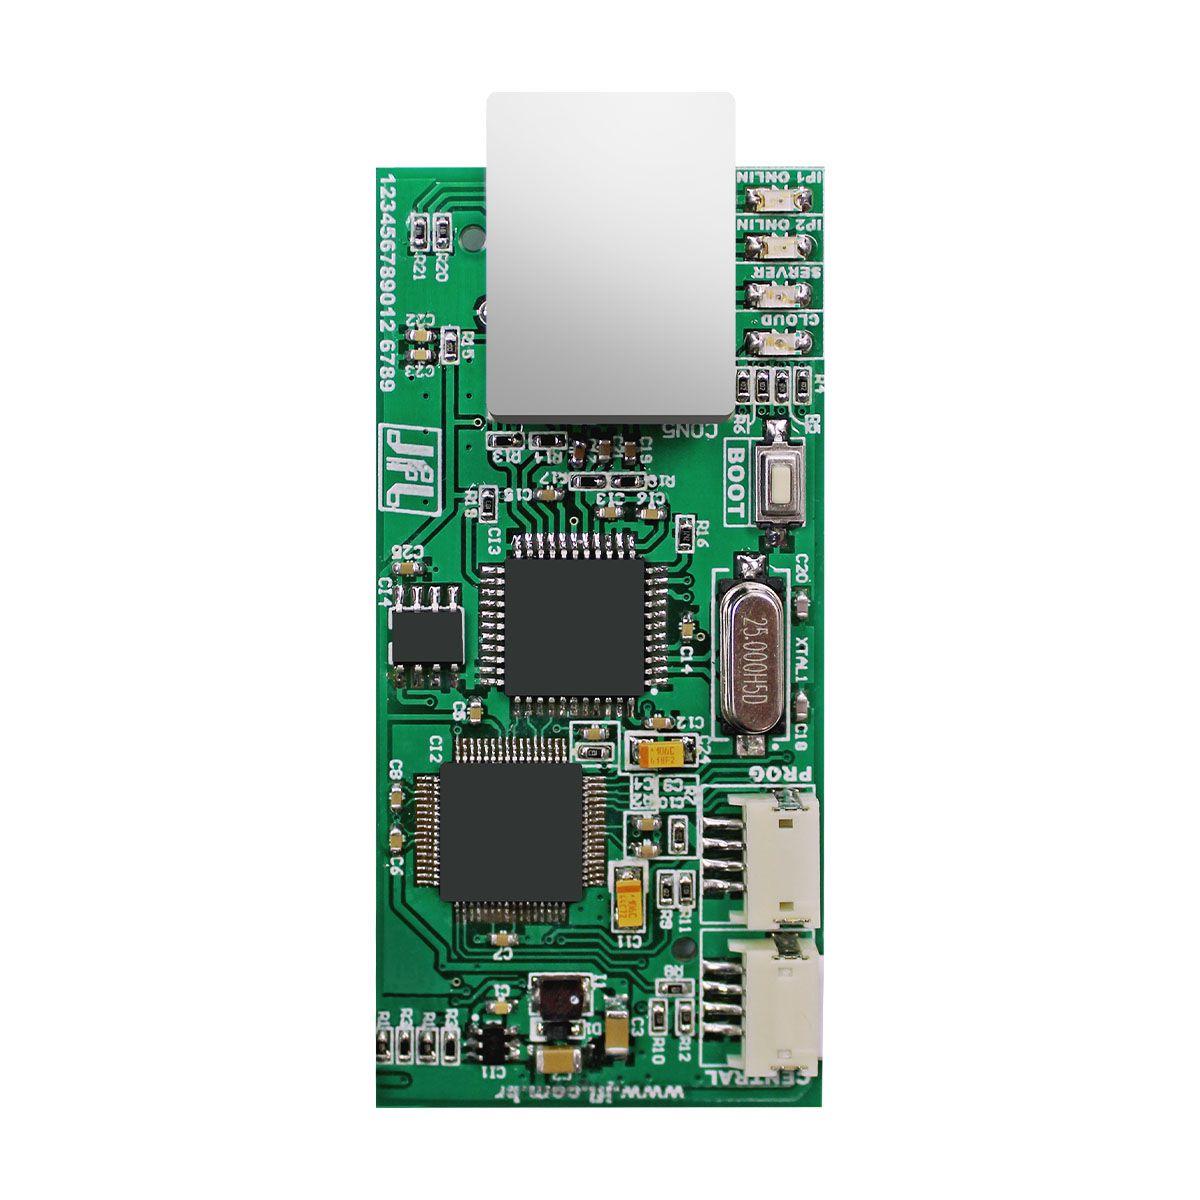 Kit Alarme SmartCloud 18 Jfl Sensor de Abertura e Infravermelho